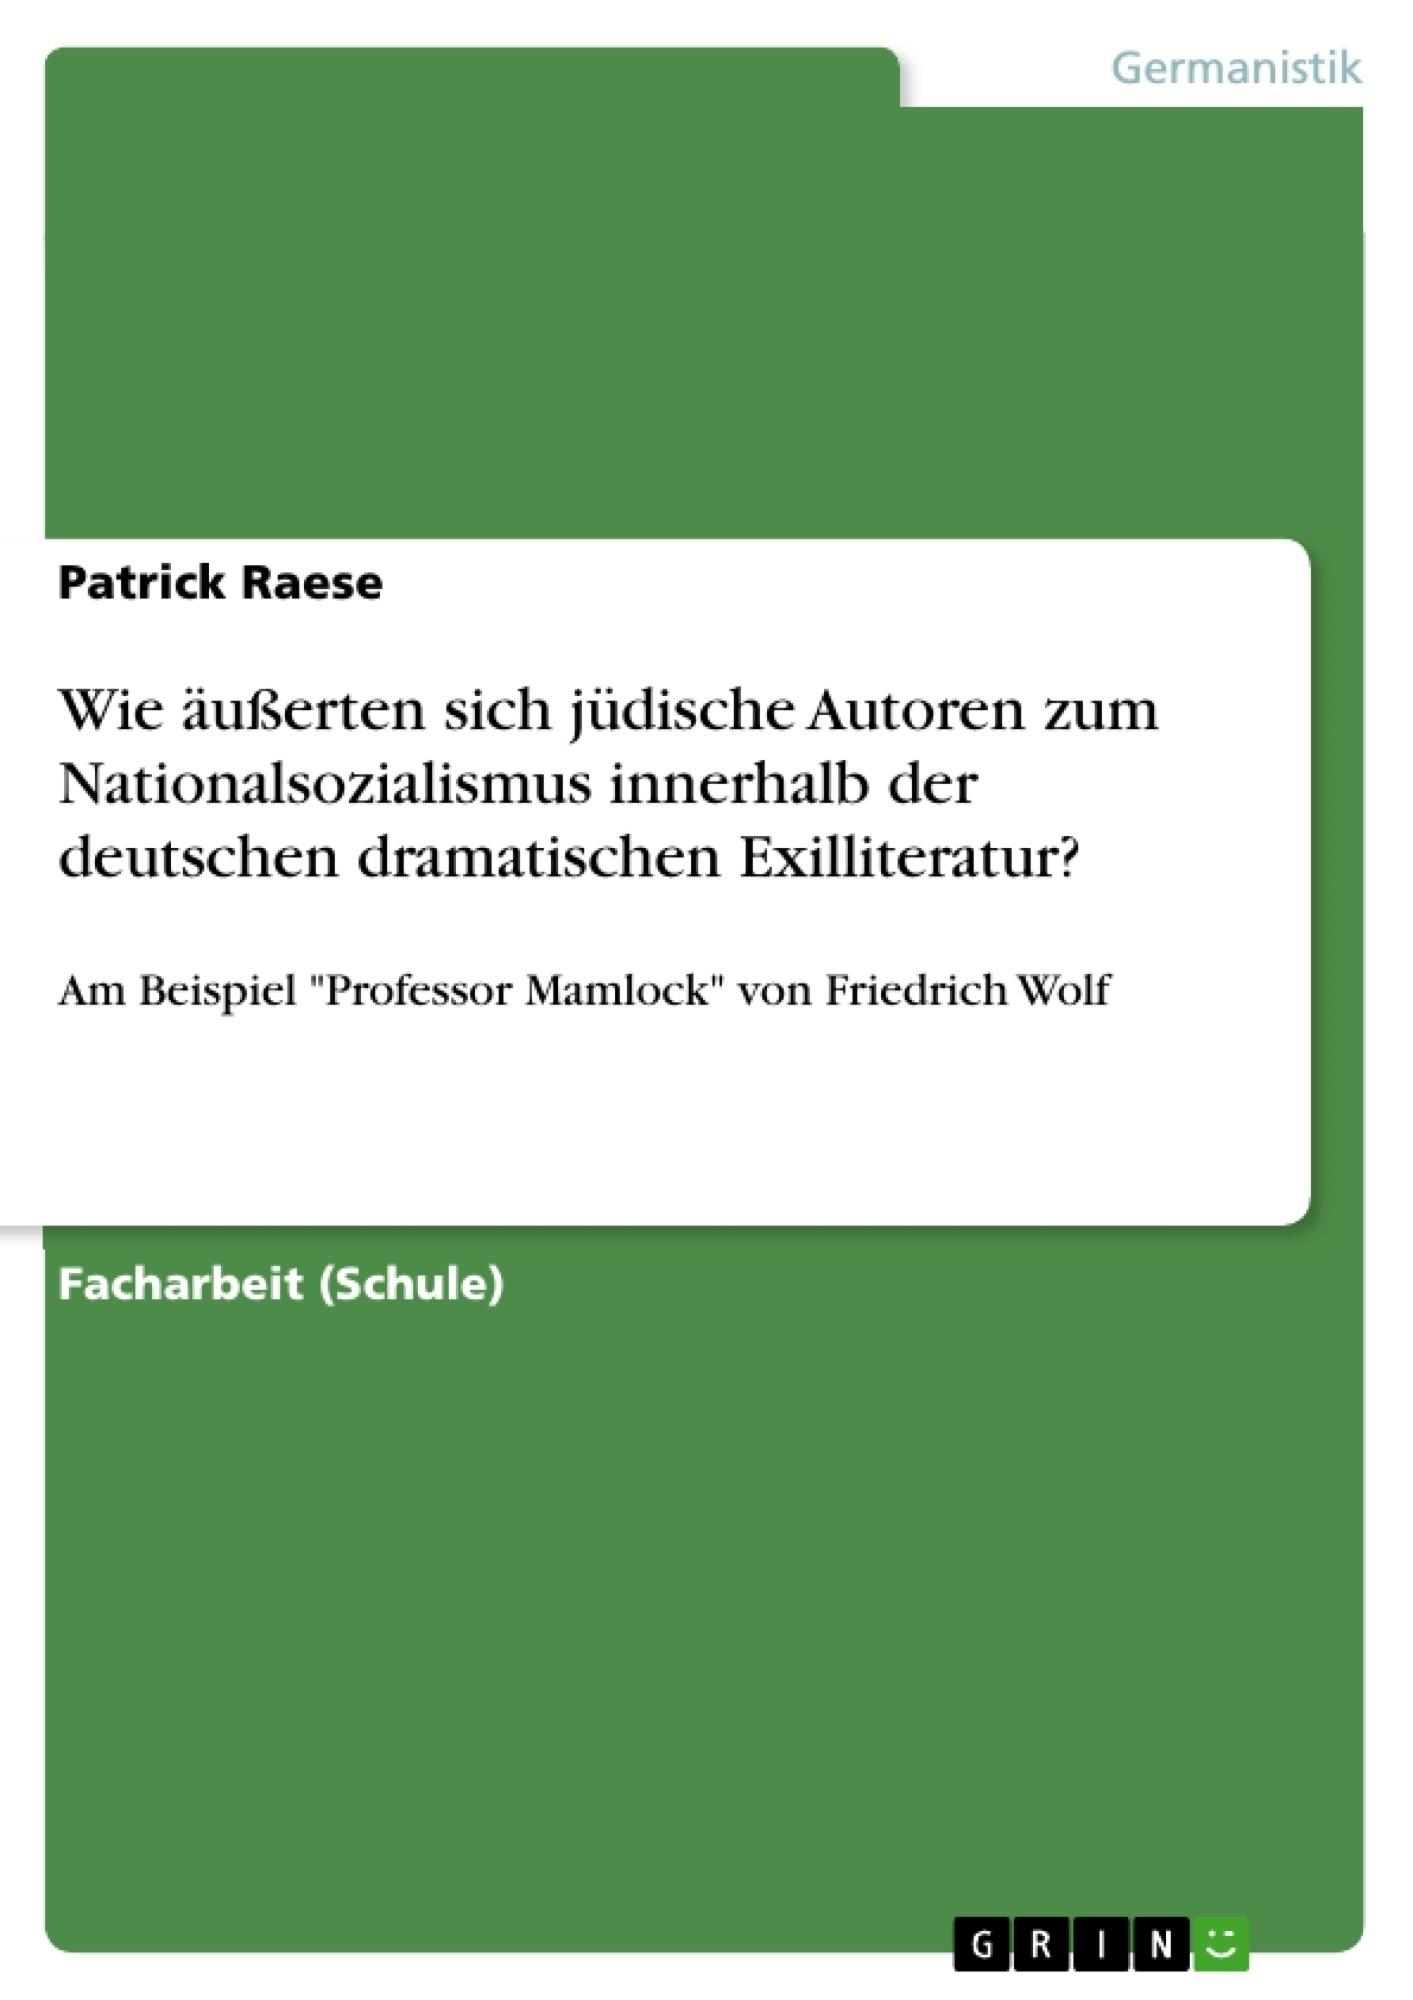 Titel: Wie äußerten sich jüdische Autoren zum Nationalsozialismus innerhalb der deutschen dramatischen Exilliteratur?